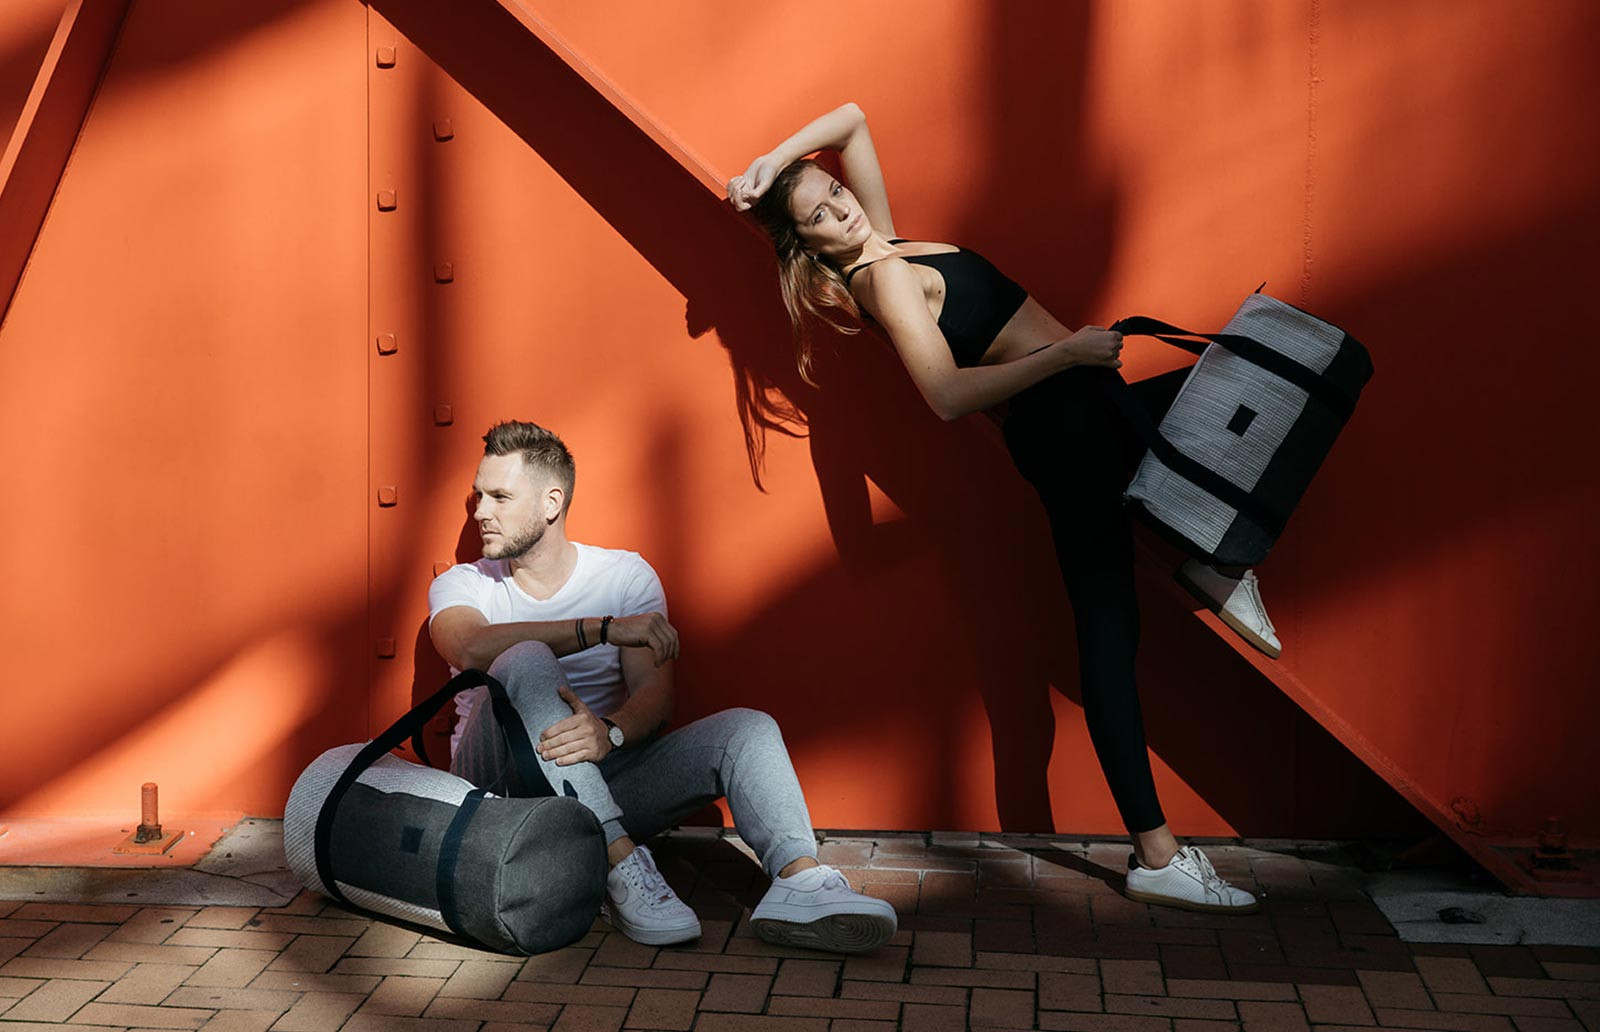 Reisetaschen aus 100 % recyceltem Segel